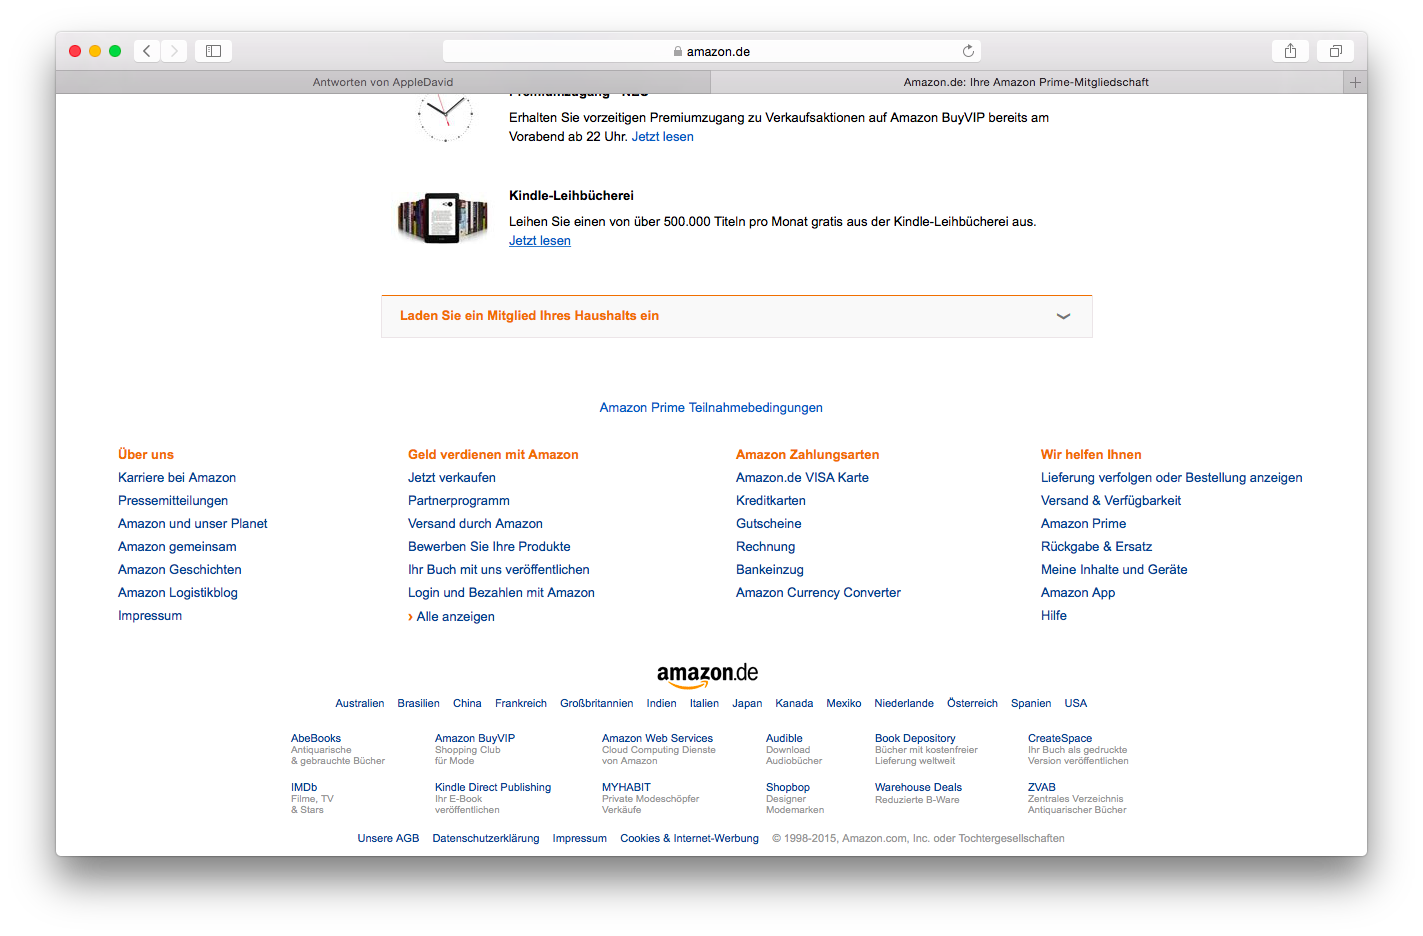 Amazon Prime Mitgliedschaft teilen?